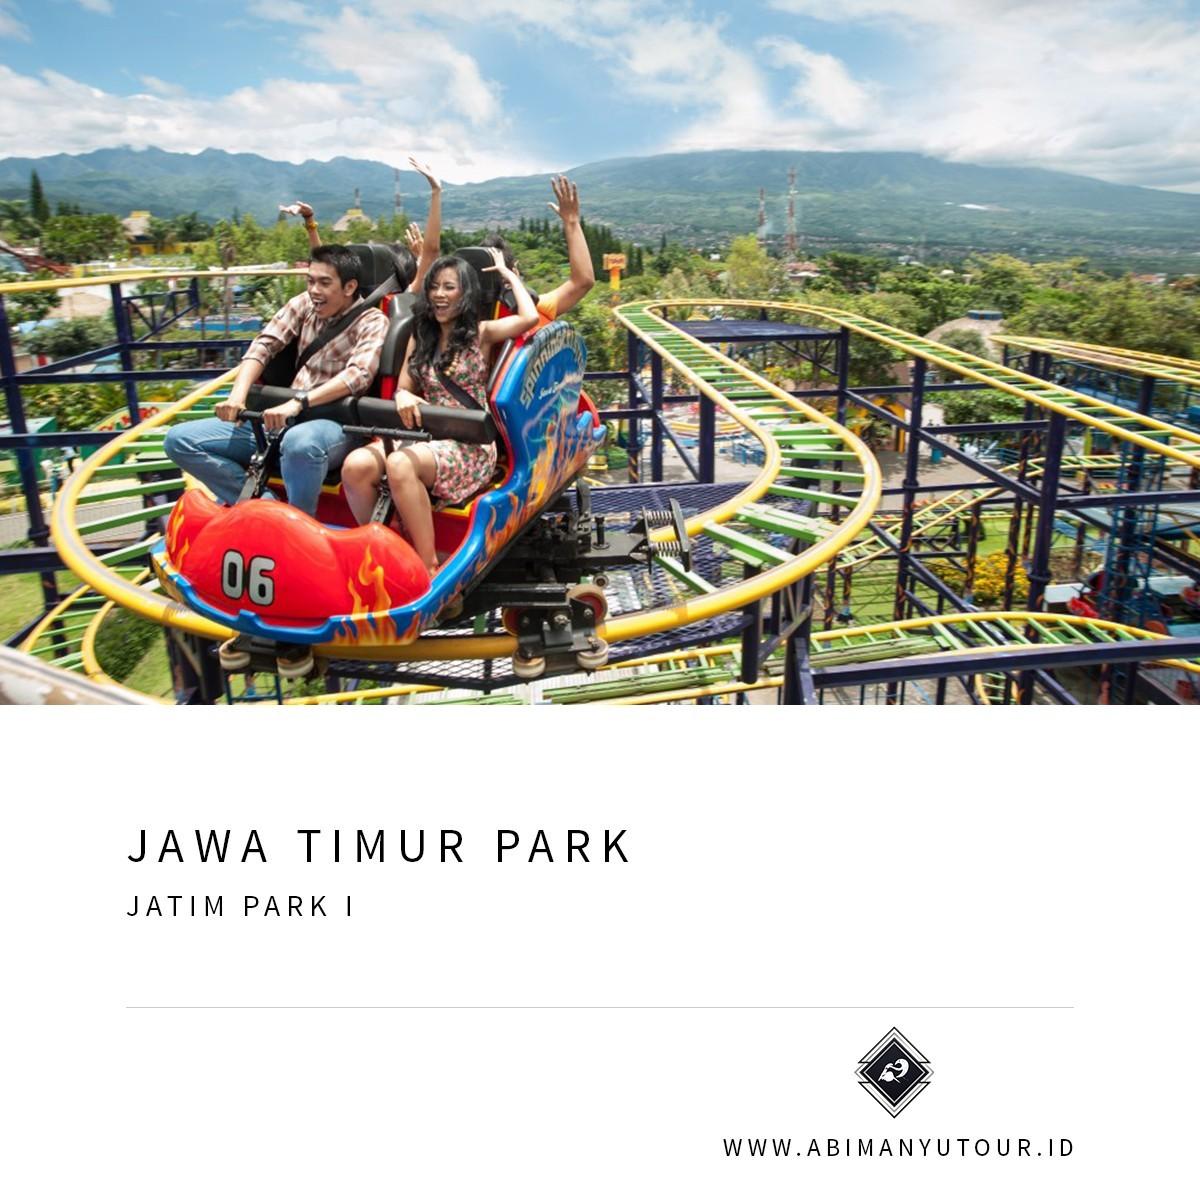 JATIM PARK I